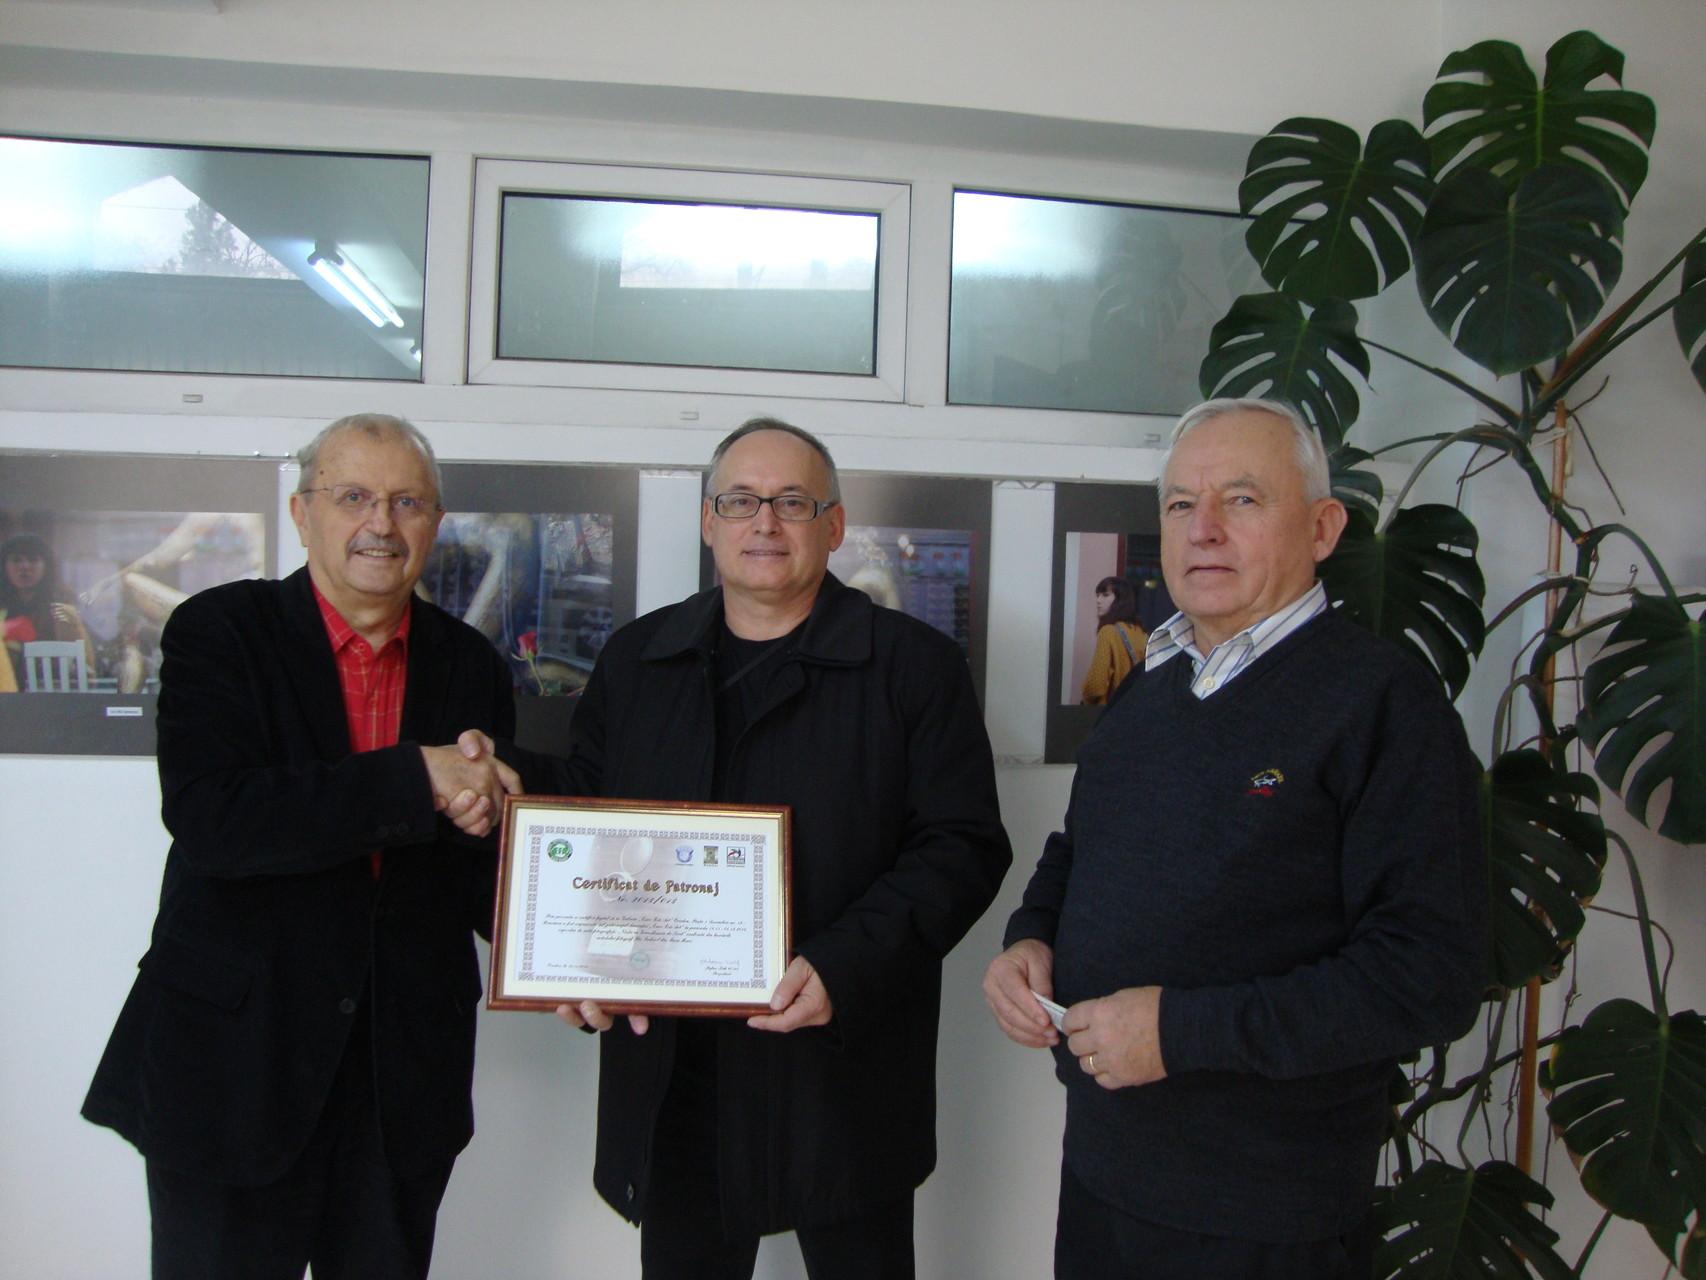 06.12.2014 - Oradea (RO)